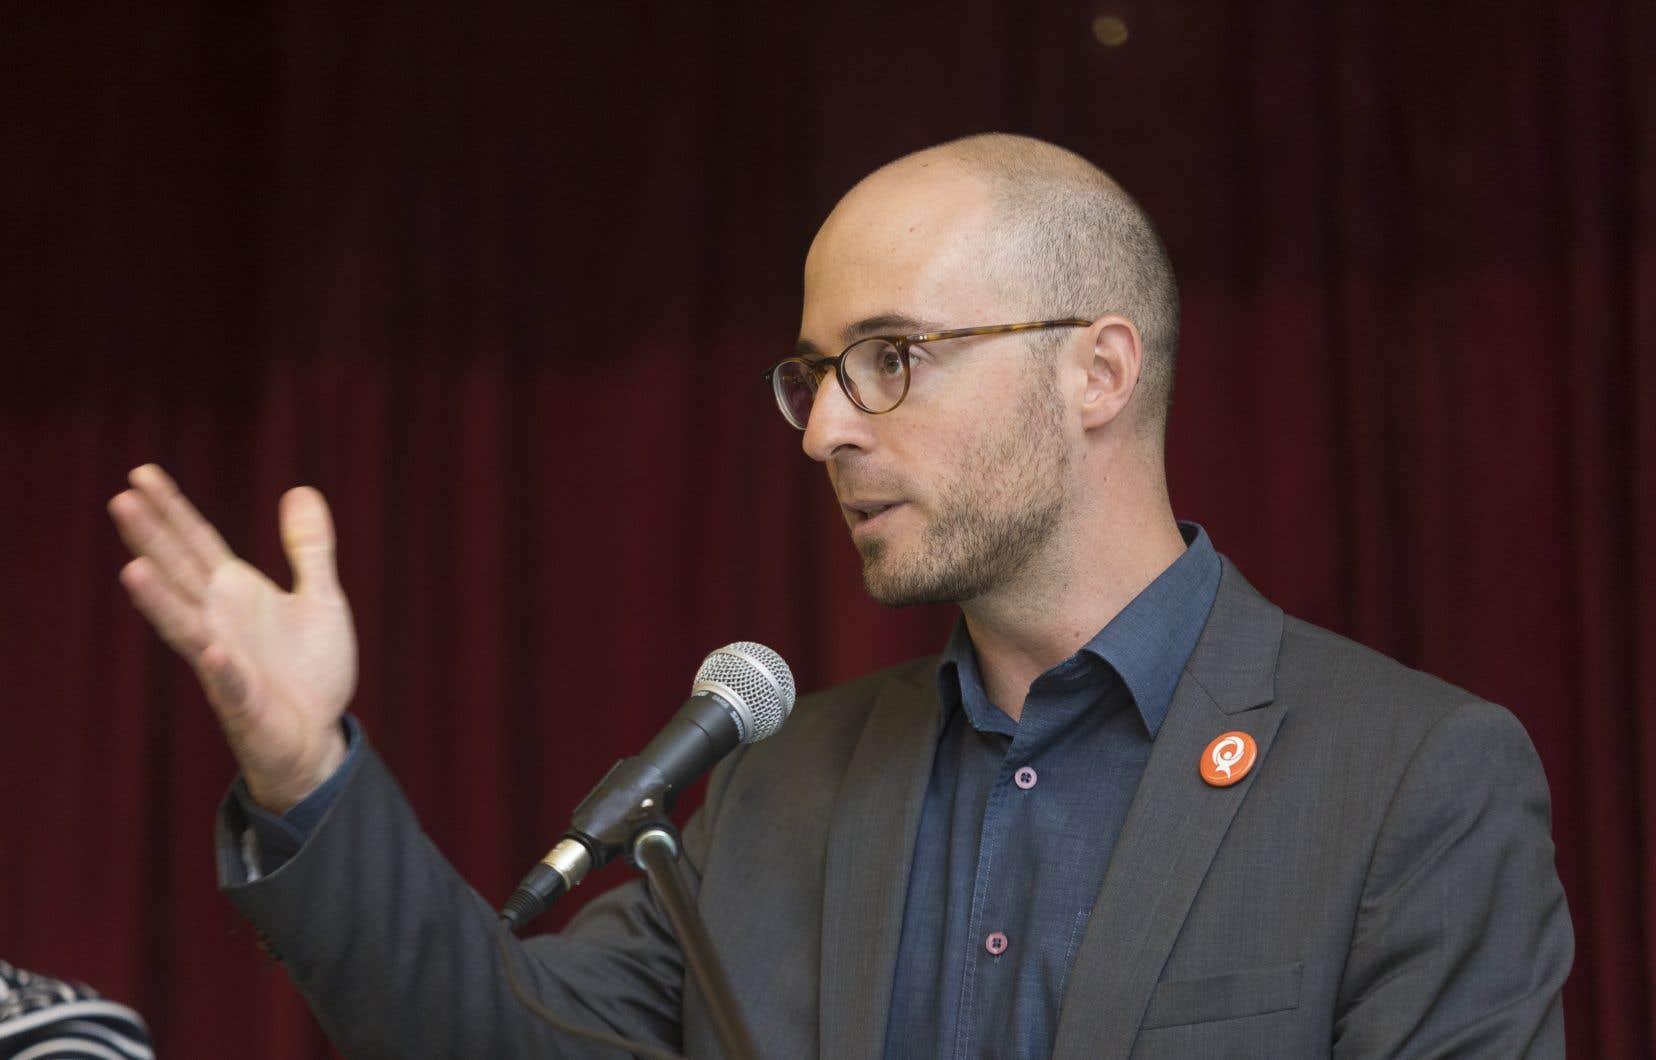 Le porte-parole de Québec solidaire en matière de laïcité, Sol Zanetti